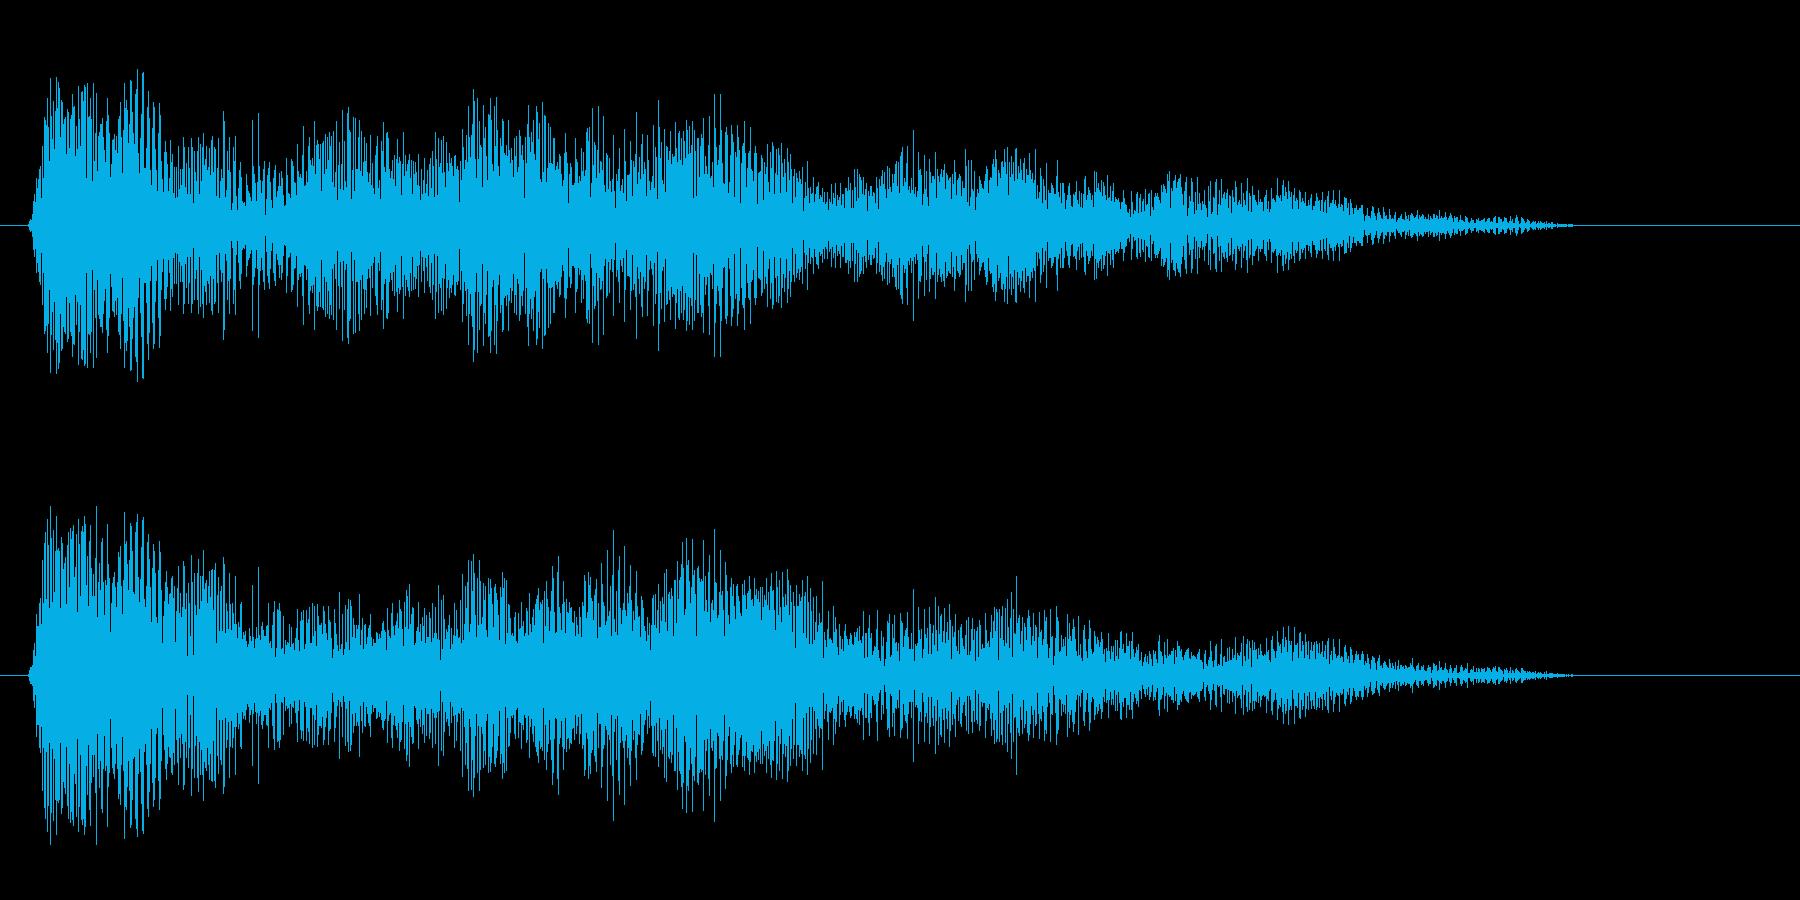 パァー(クラクション系音)の再生済みの波形